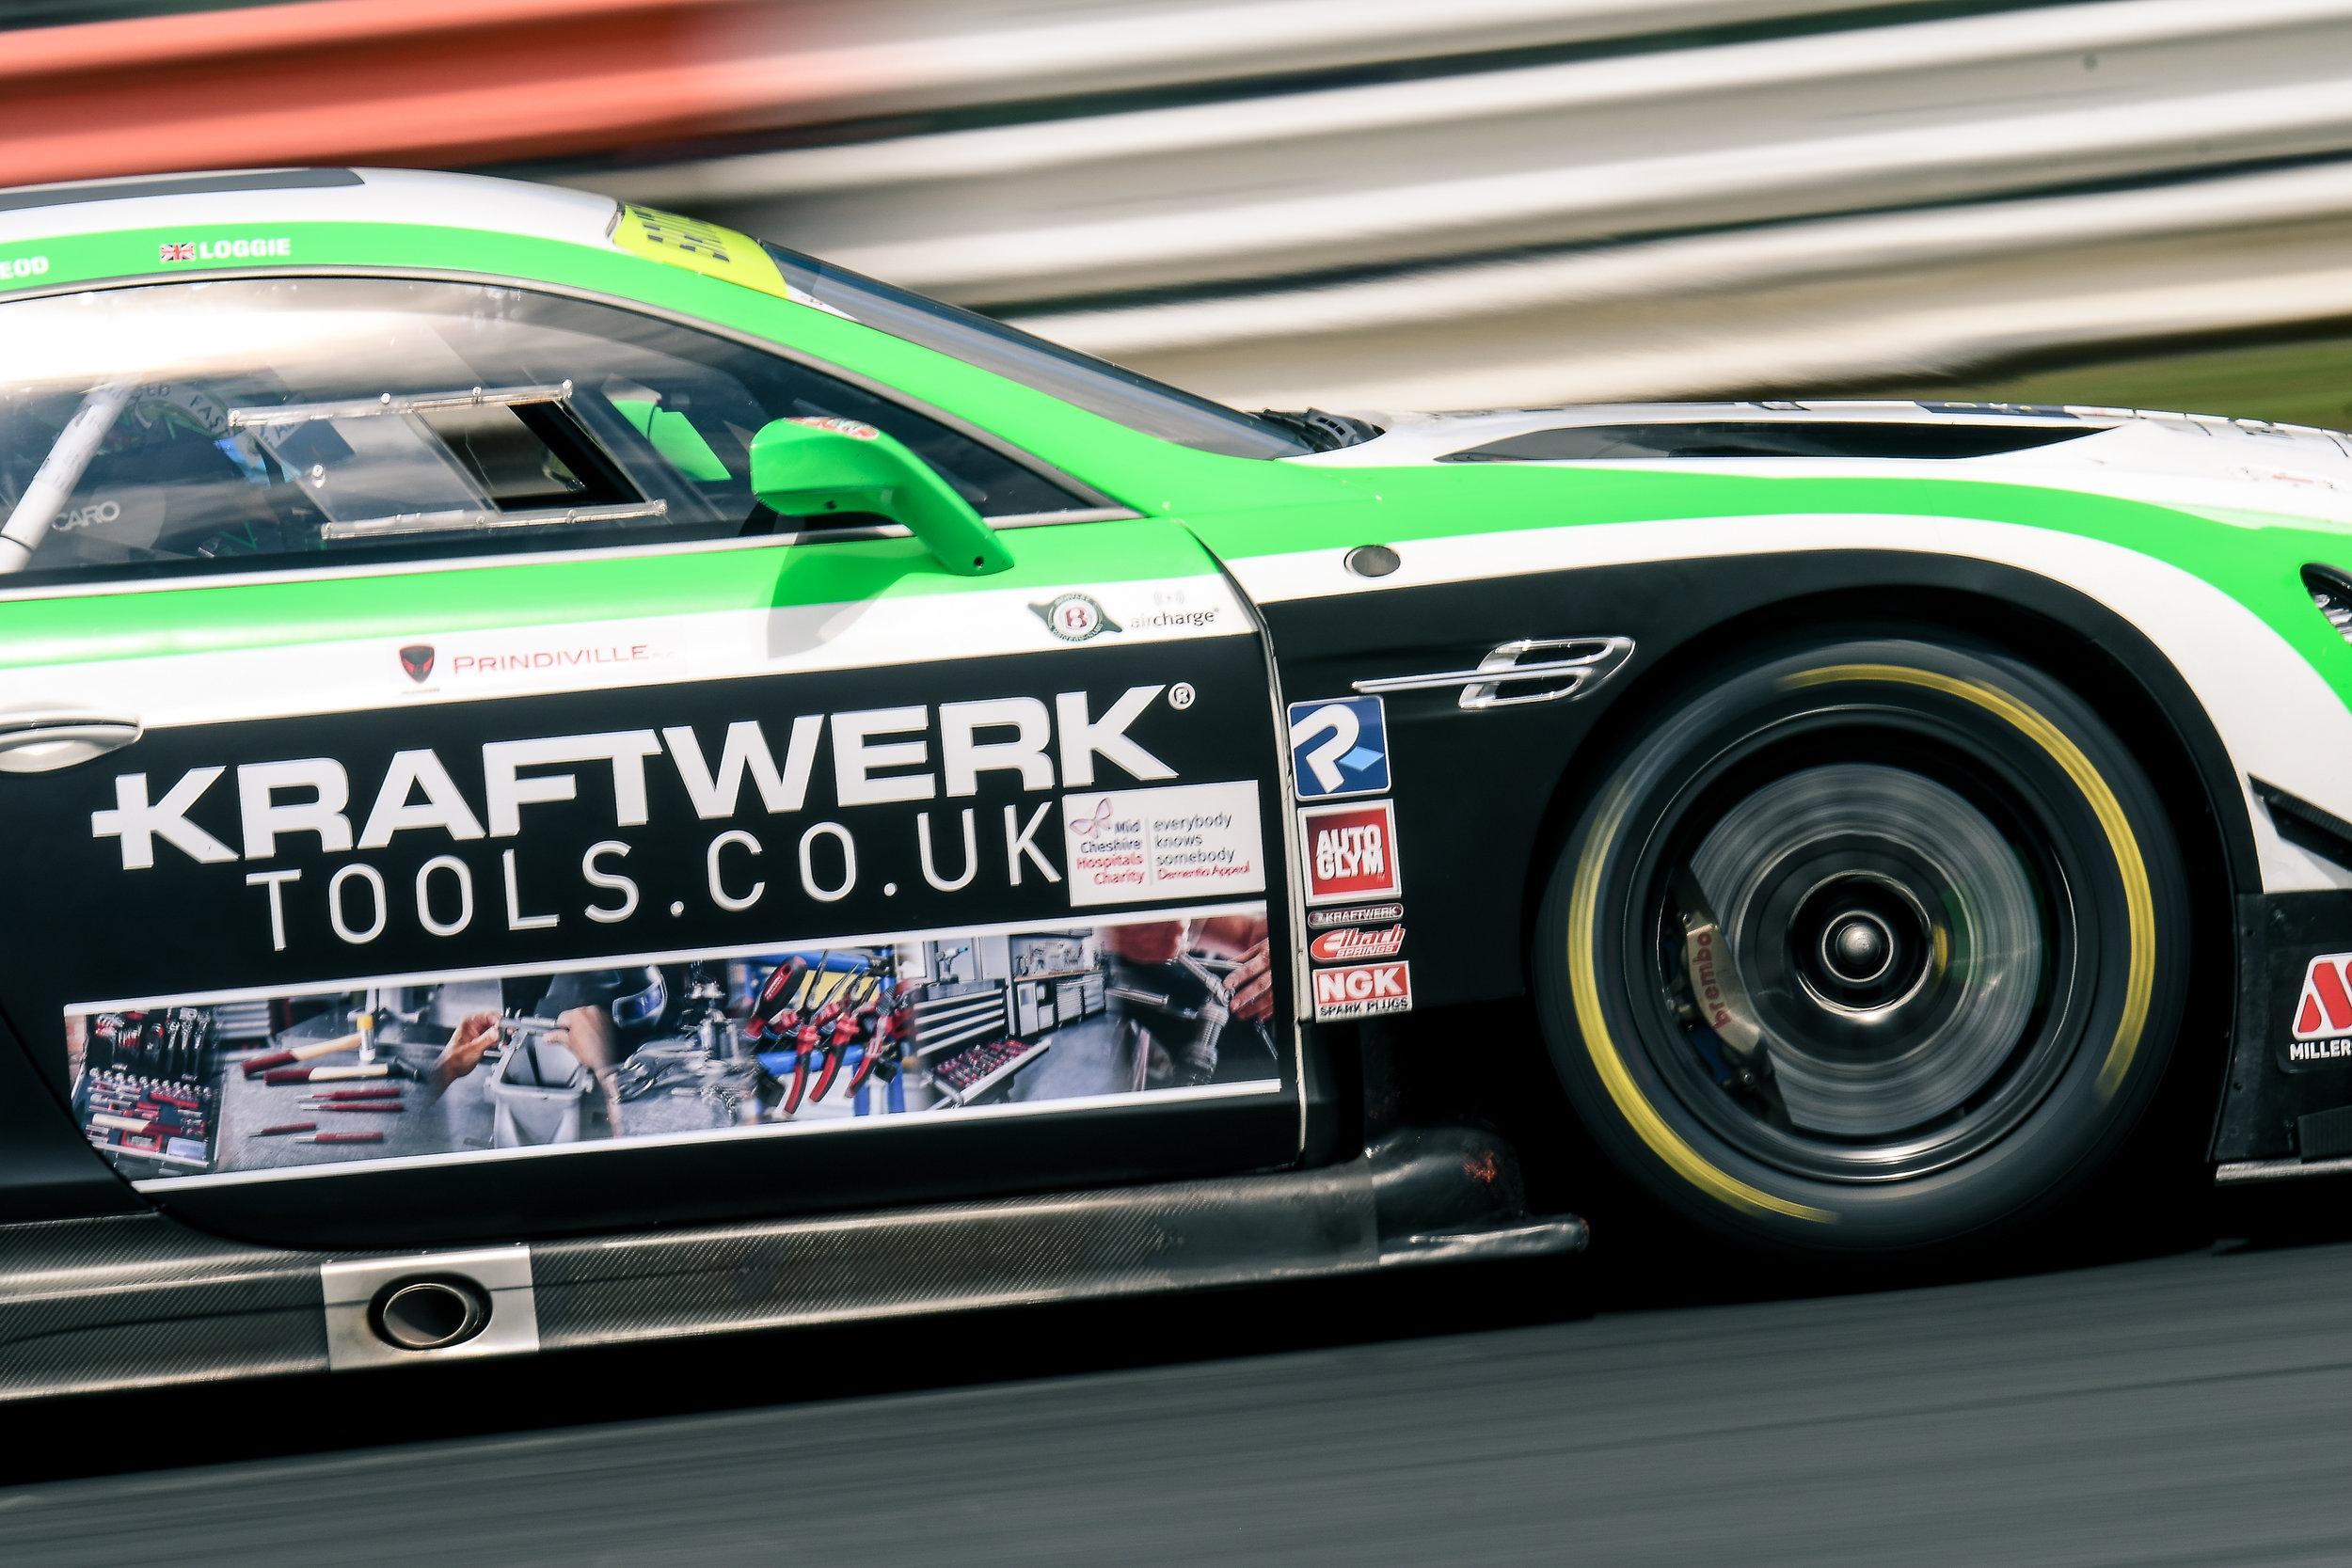 The 2018 Team Parker Racing Bentley GT3 of Callum Macleod and Ian Loggie